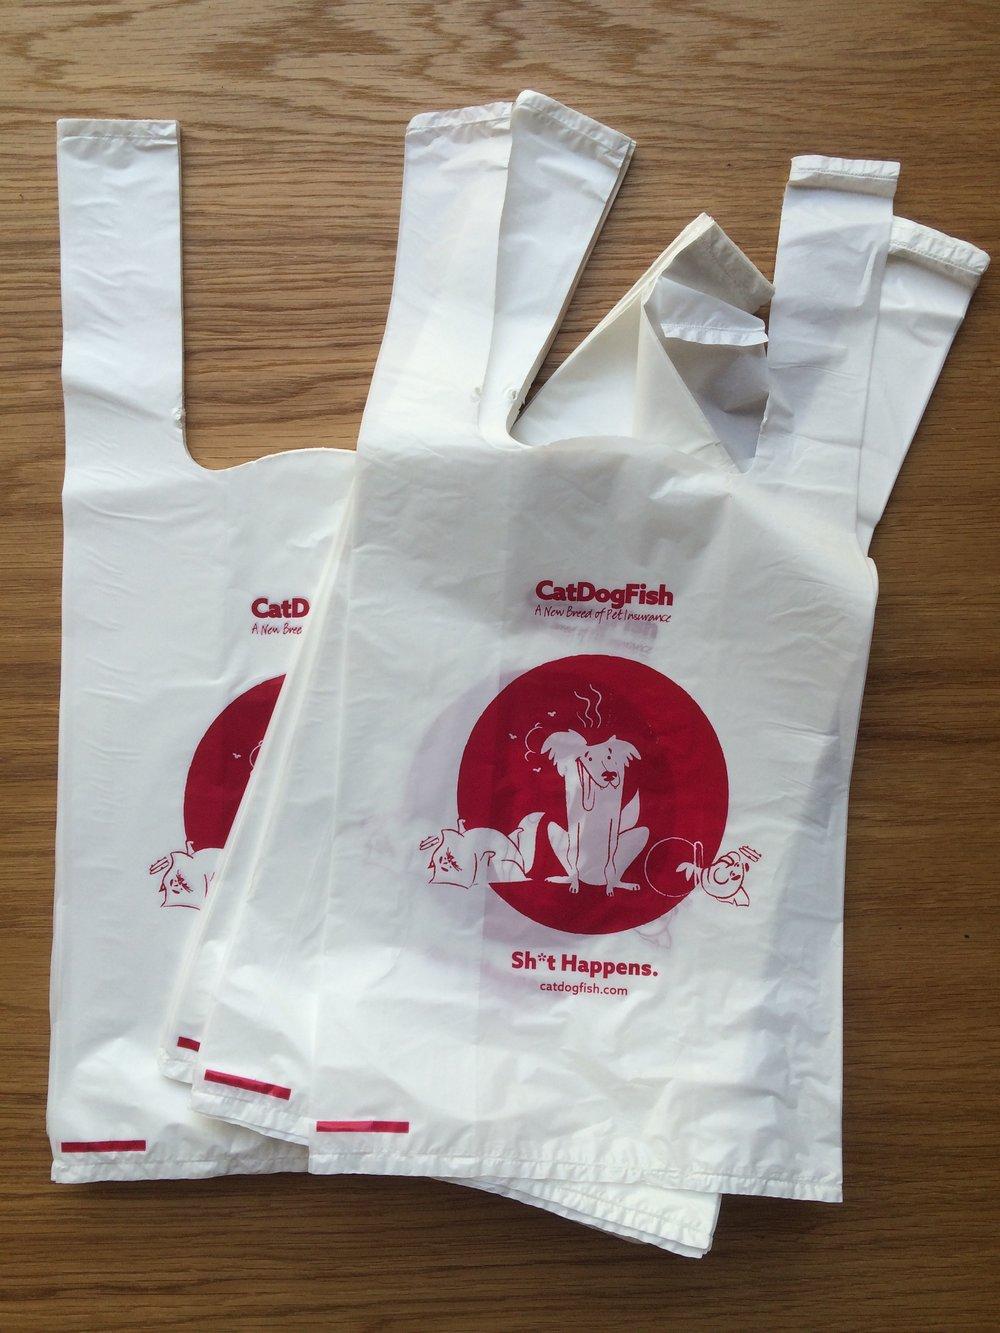 Branded dog poop bags